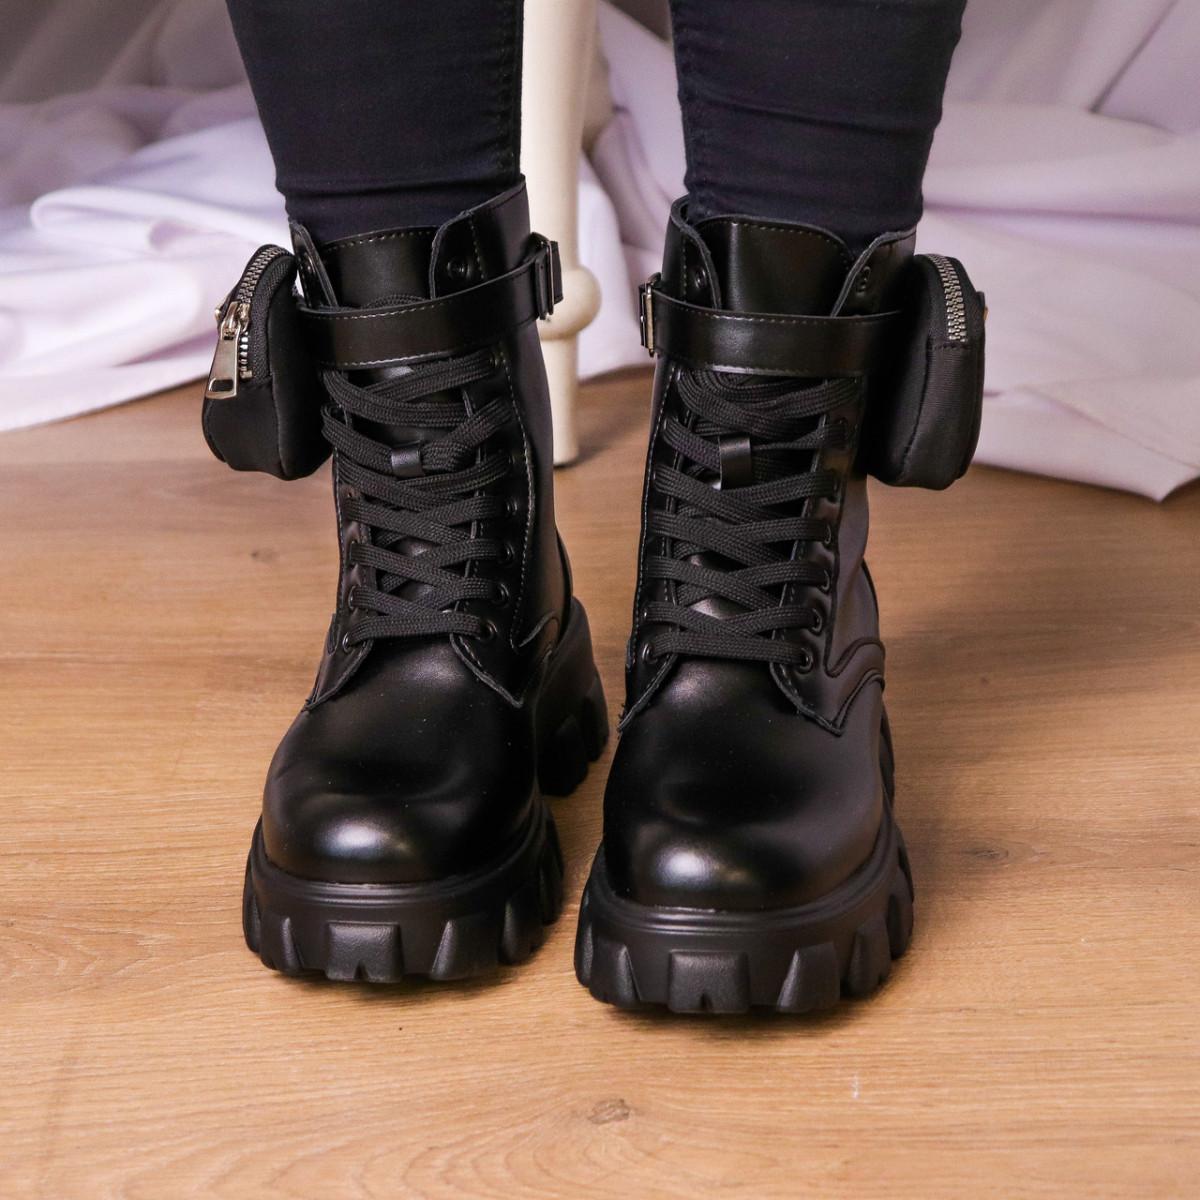 Черевики жіночі Fashion Sondra 2401 37 розмір 23,5 см Чорний